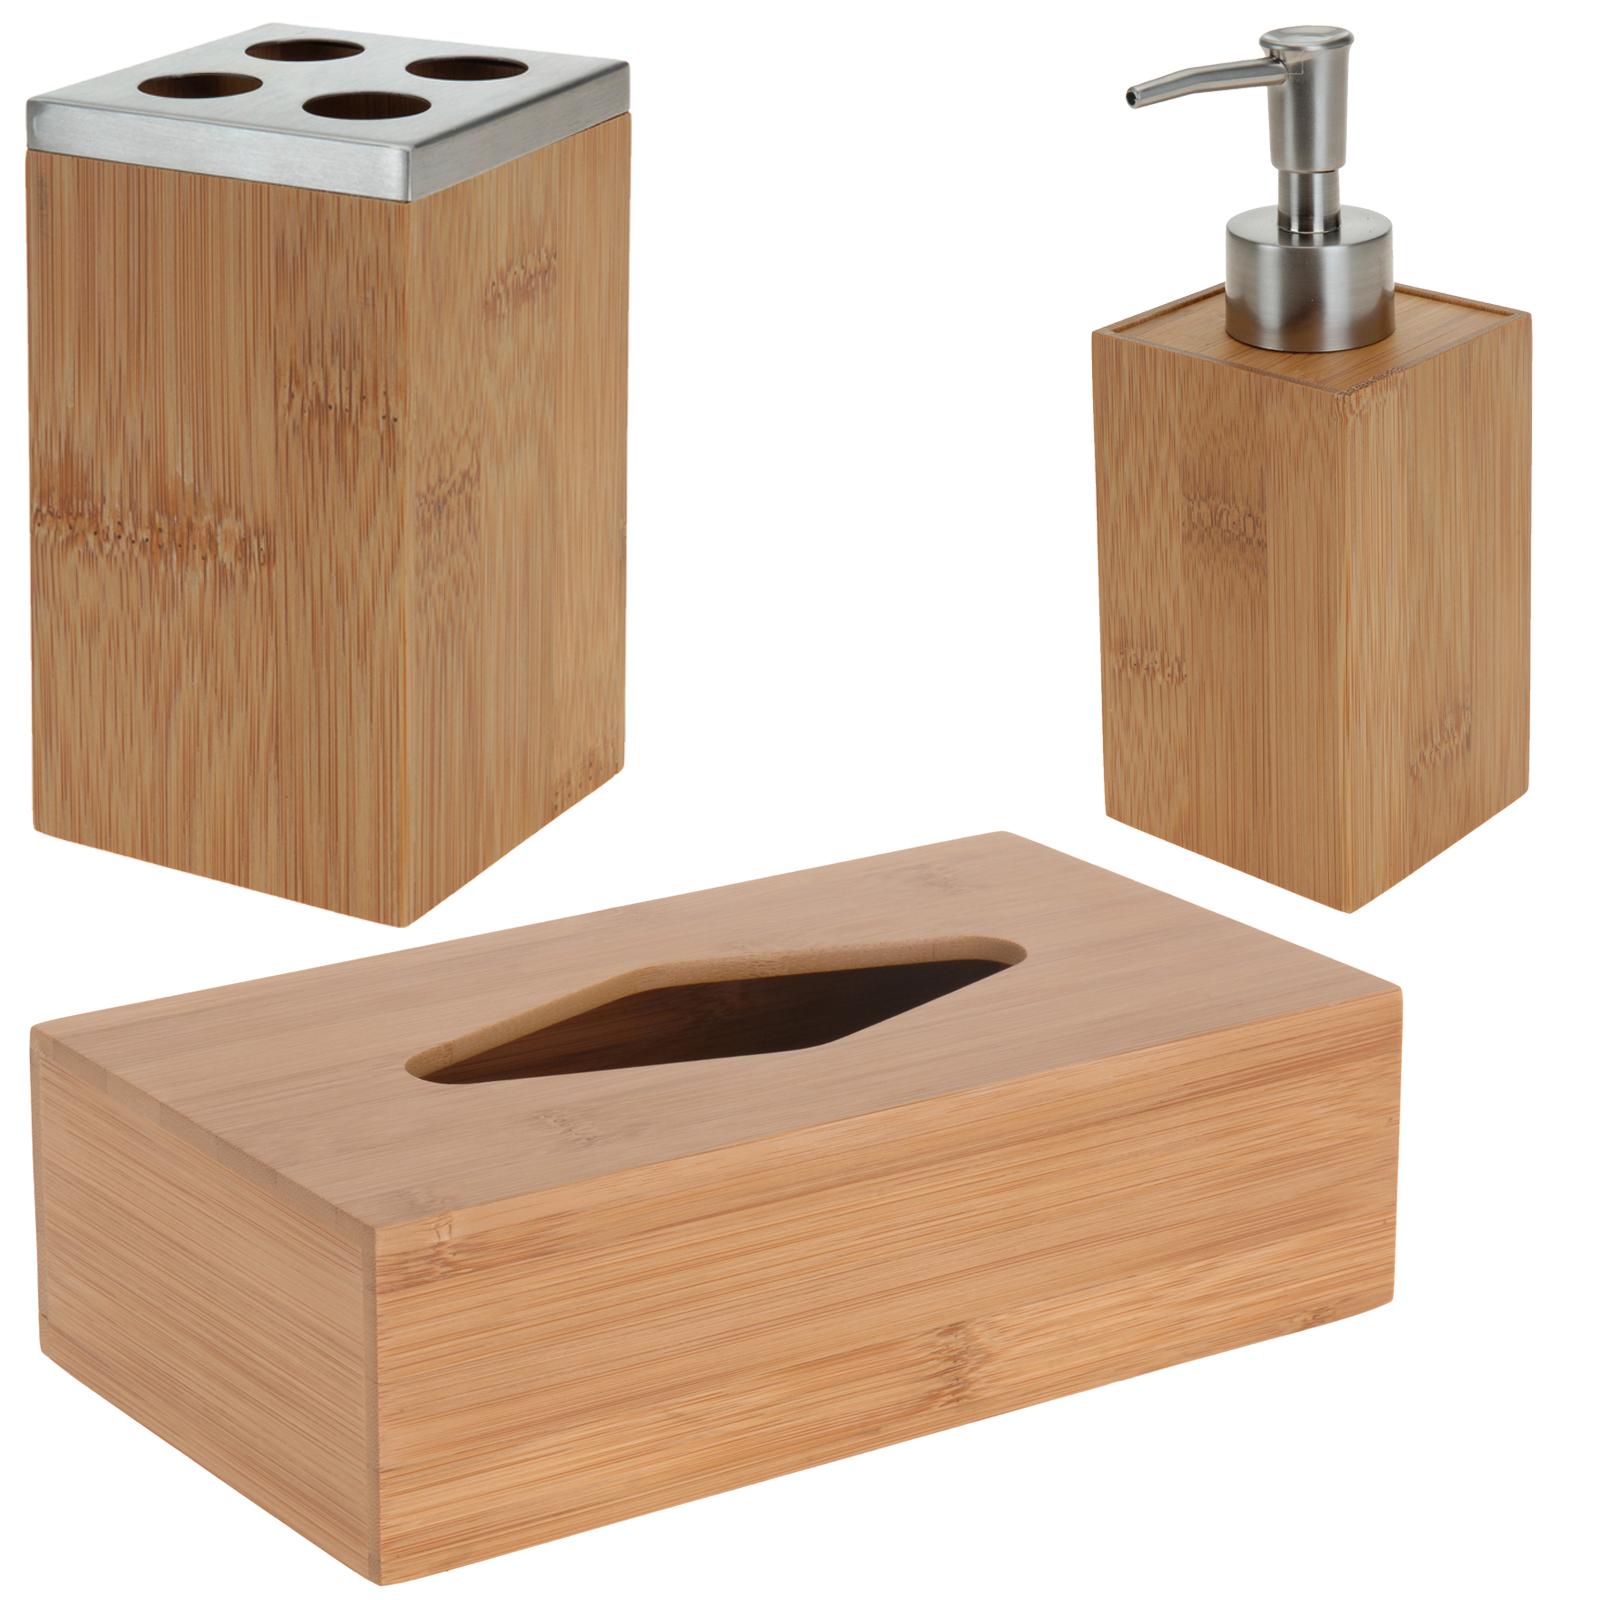 3tlg badserie bambus edelstahl seifenspender. Black Bedroom Furniture Sets. Home Design Ideas